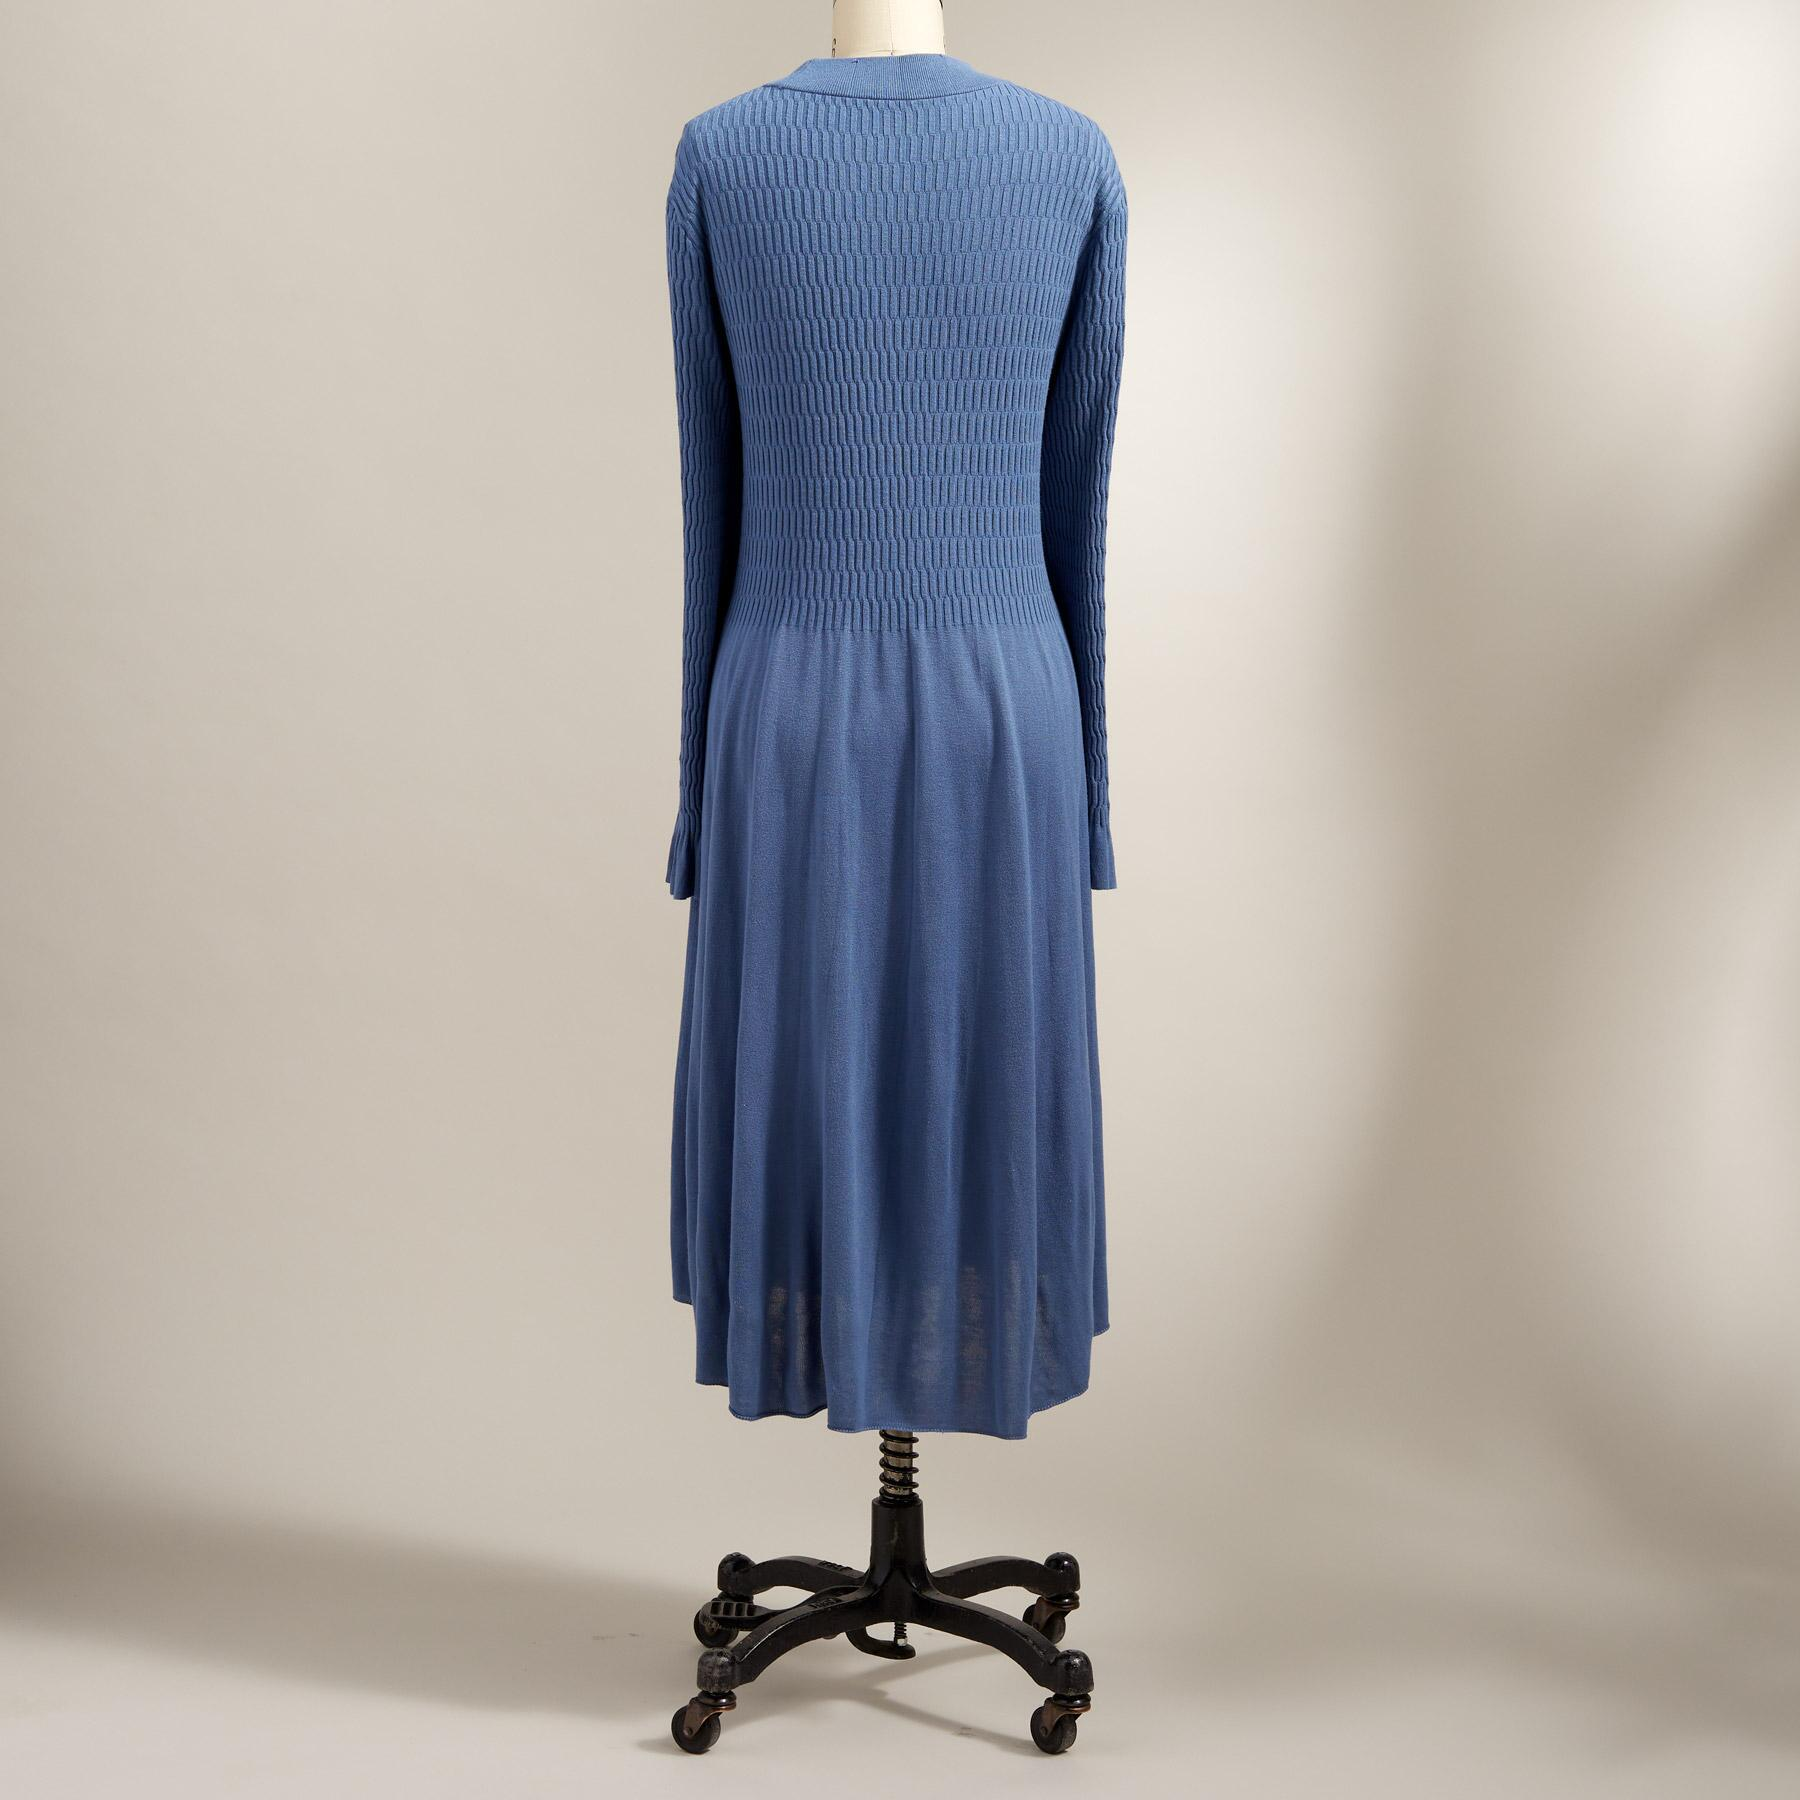 NATURES HUE DRESS - PETITES: View 3